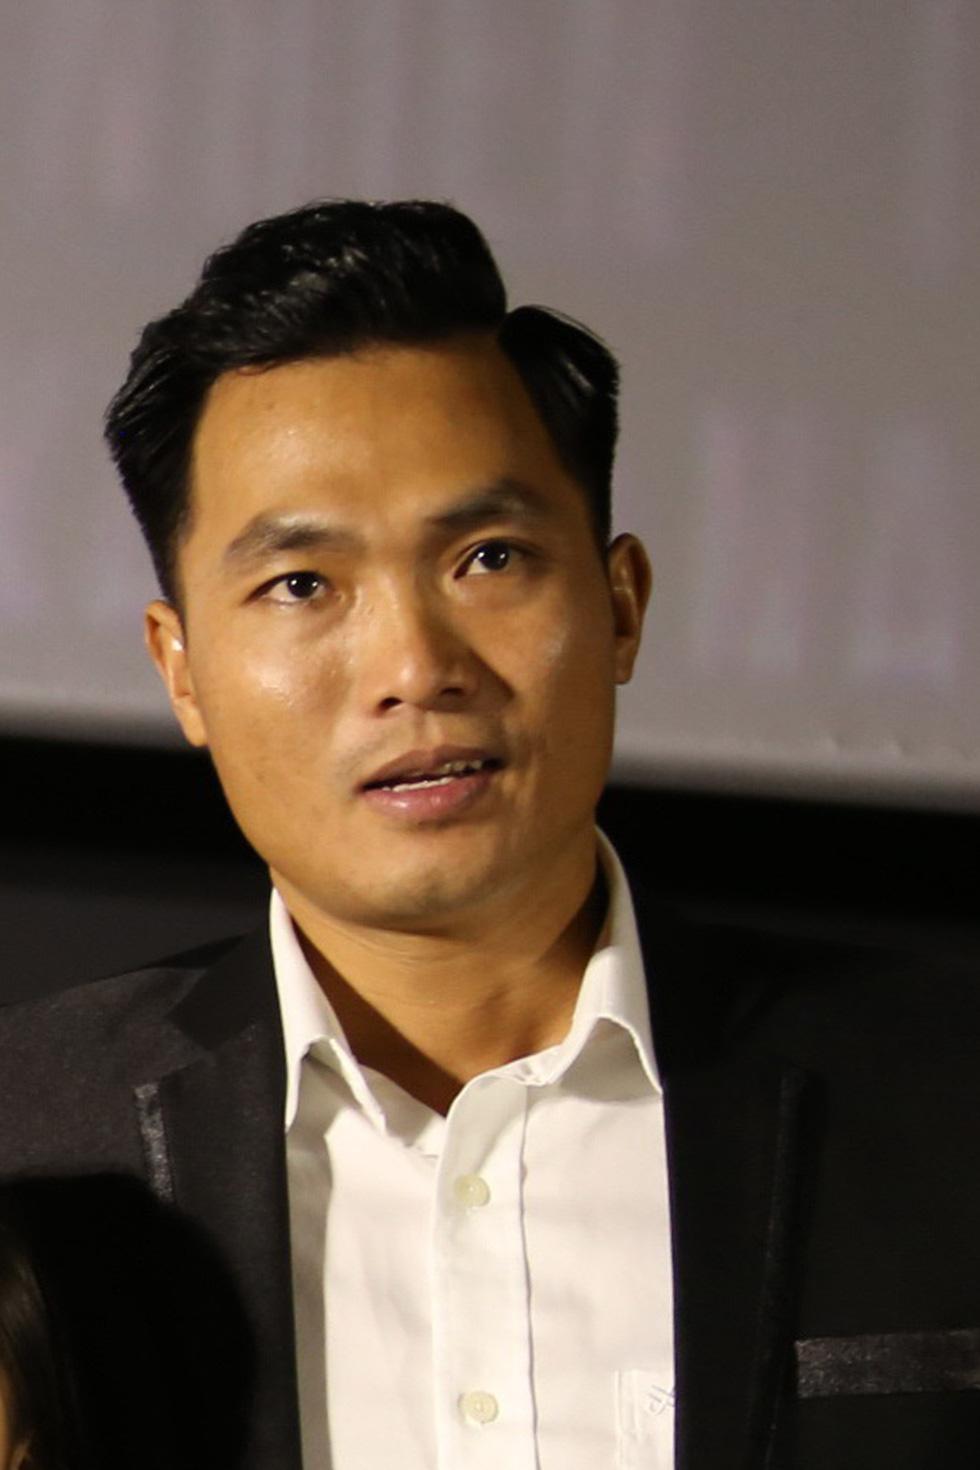 Người Việt Nam trẻ tuổi nhất chinh phục Everest thi chạy 42km ở Bắc cực - Ảnh 2.